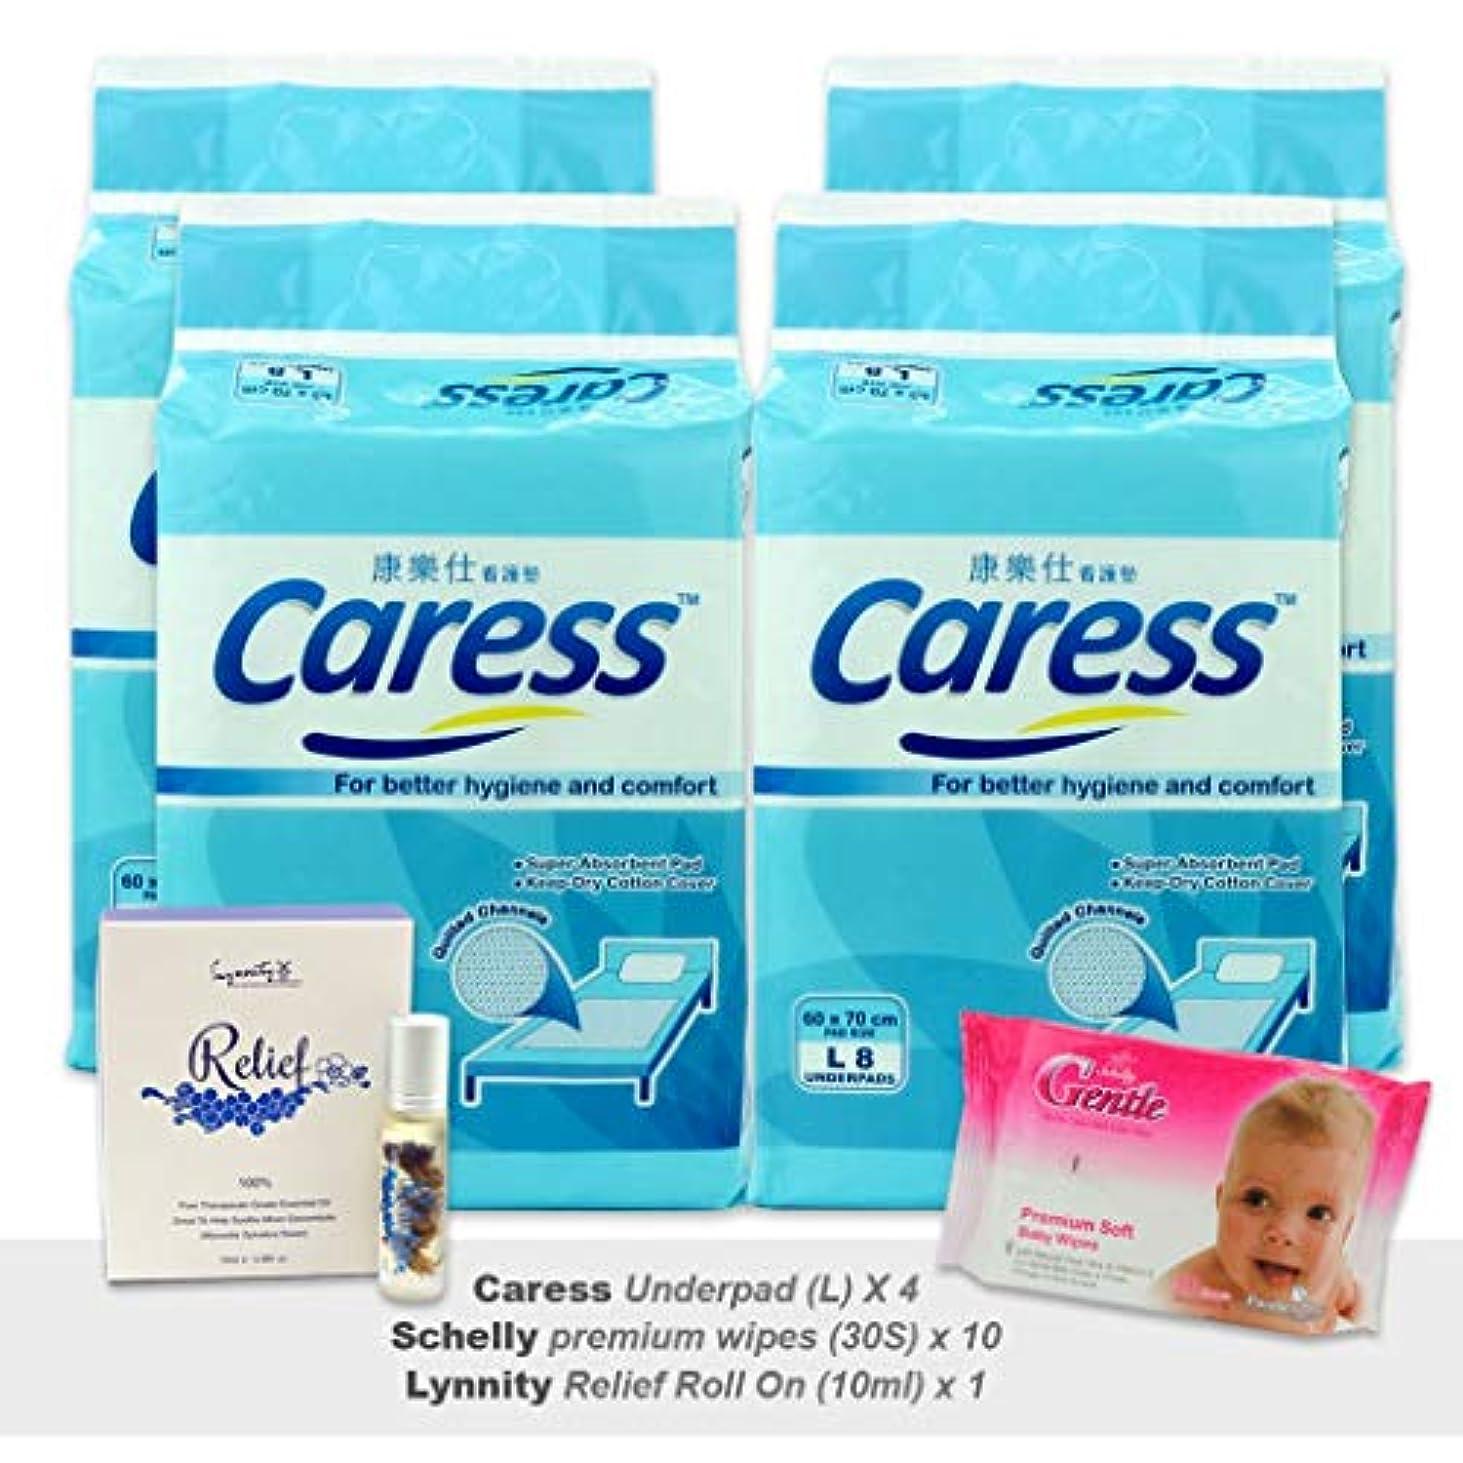 抑制石専門Caress Diapers 4×スーパープロテクトアンダーパッドサイズl愛撫+ freeエッセンシャルオイルロールオンと10×プレミアムジェントルソフトワイプ(30代)